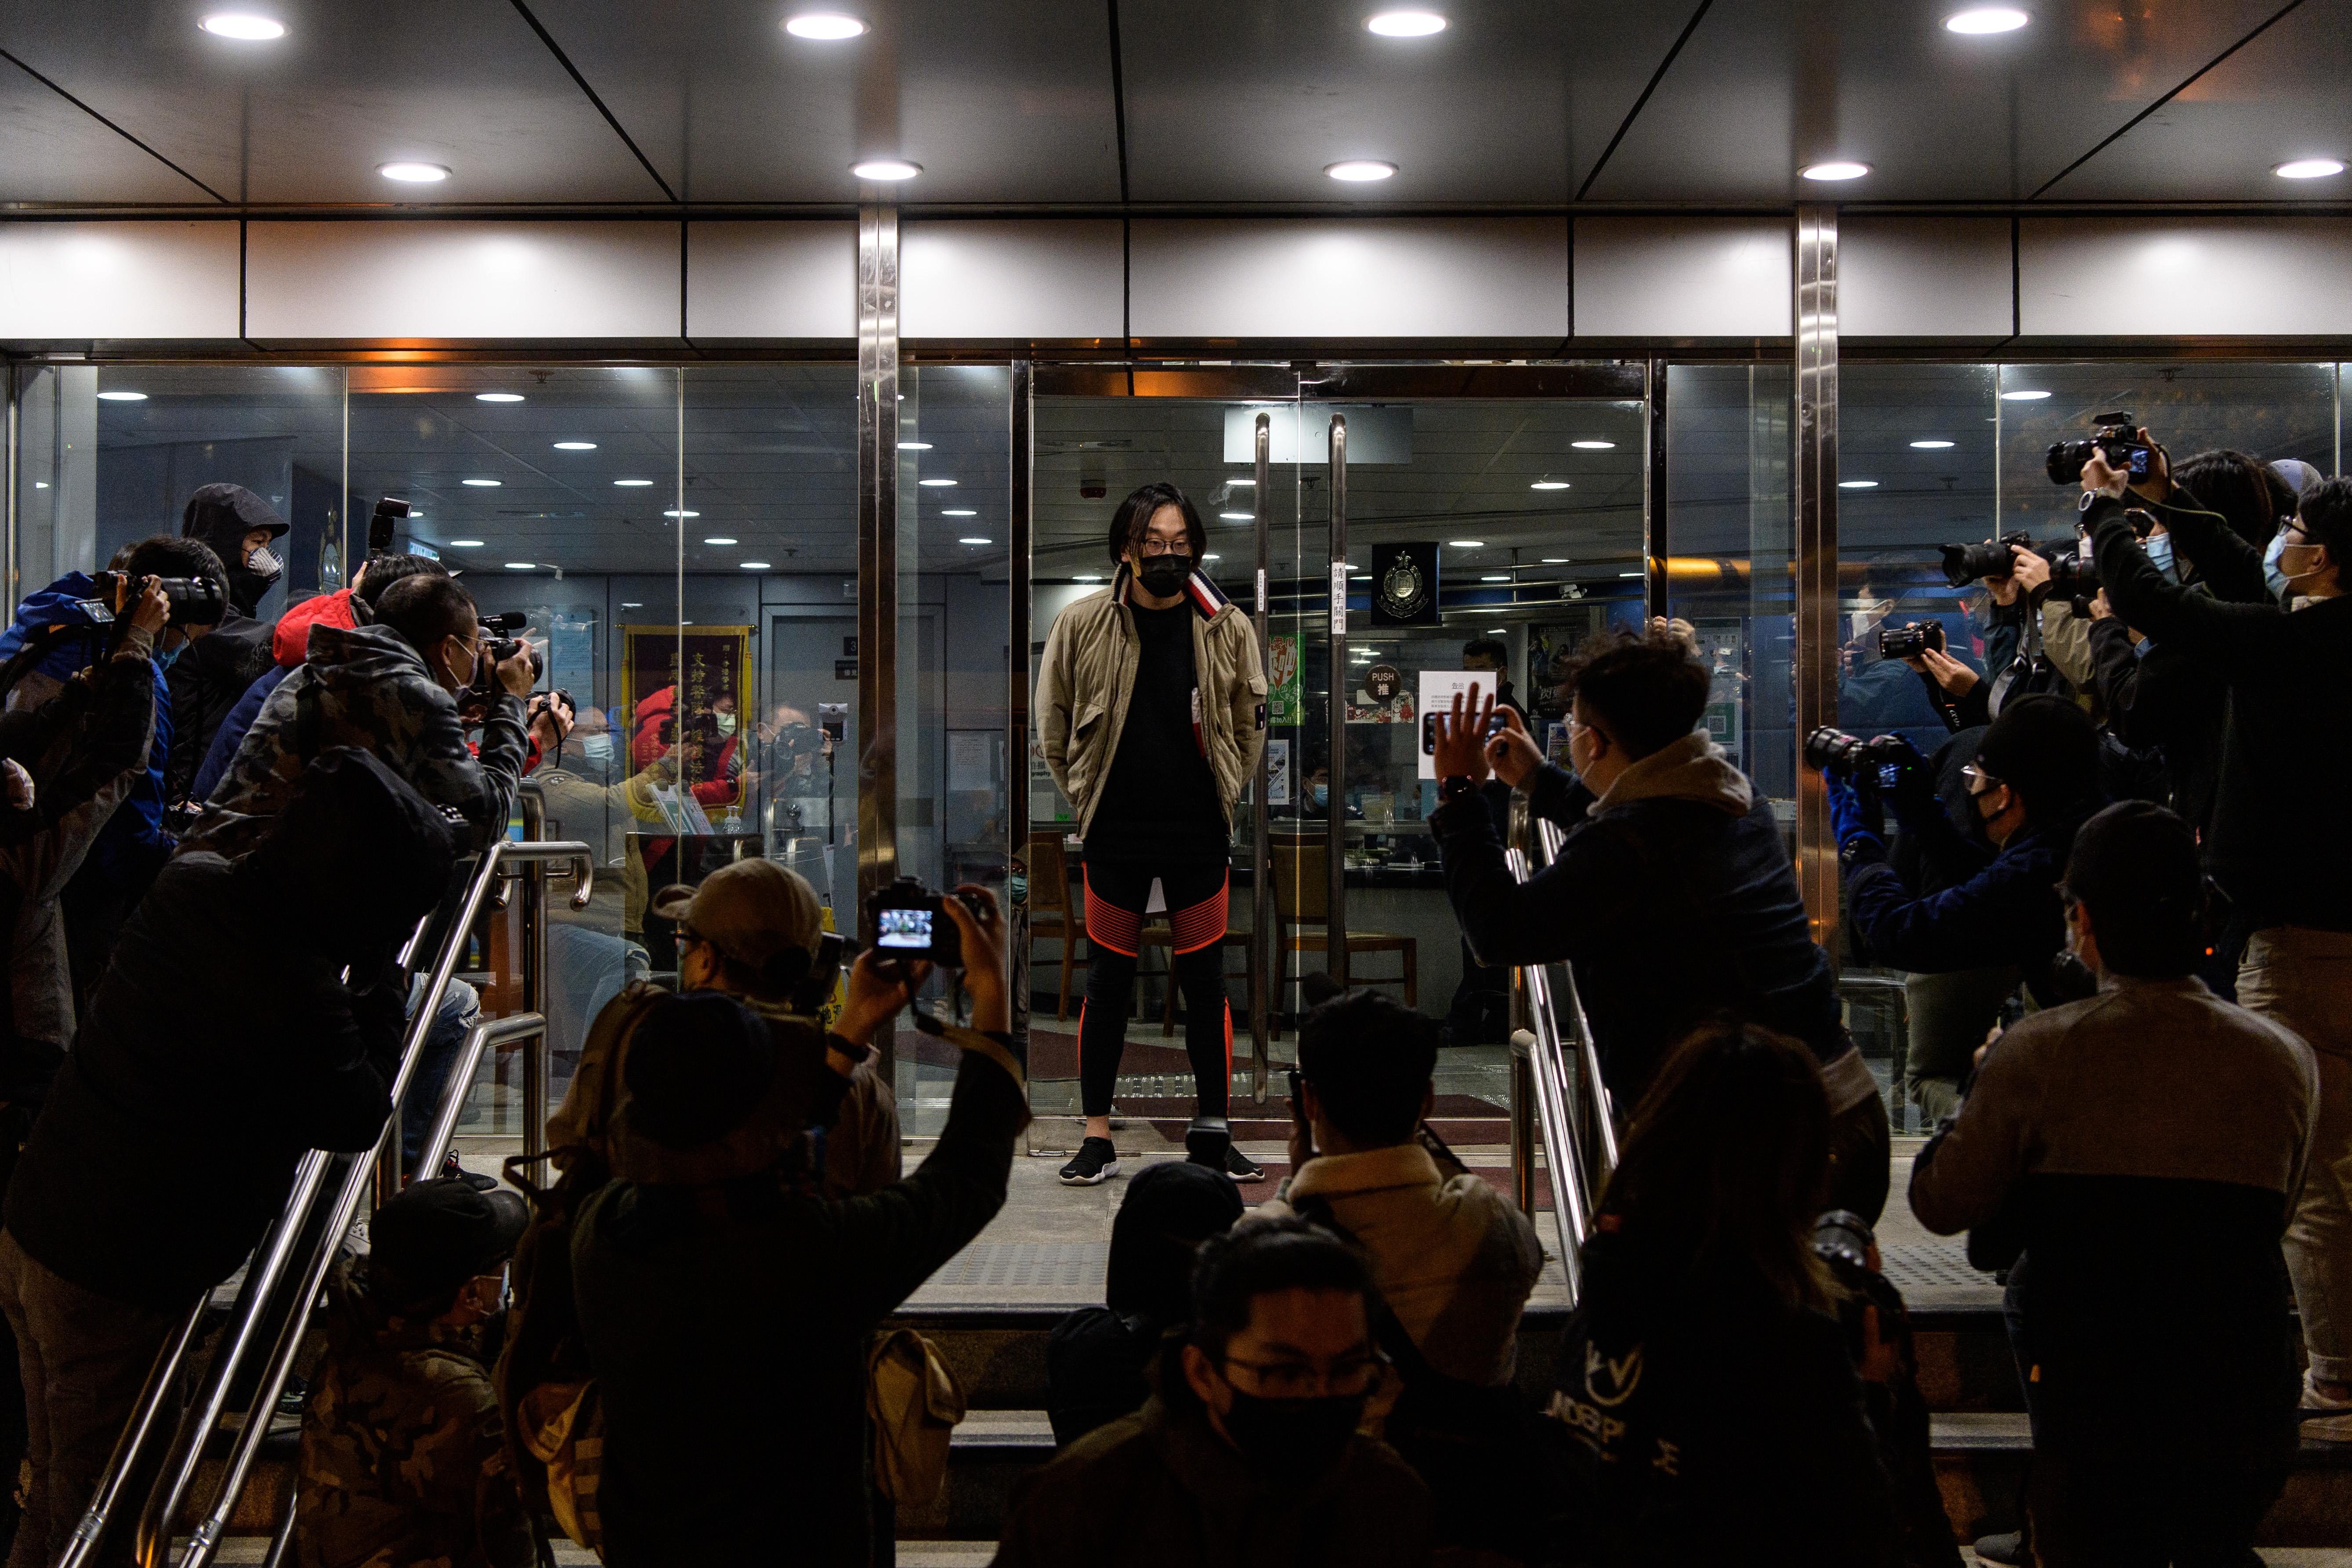 林景楠获得保释。(AFP)